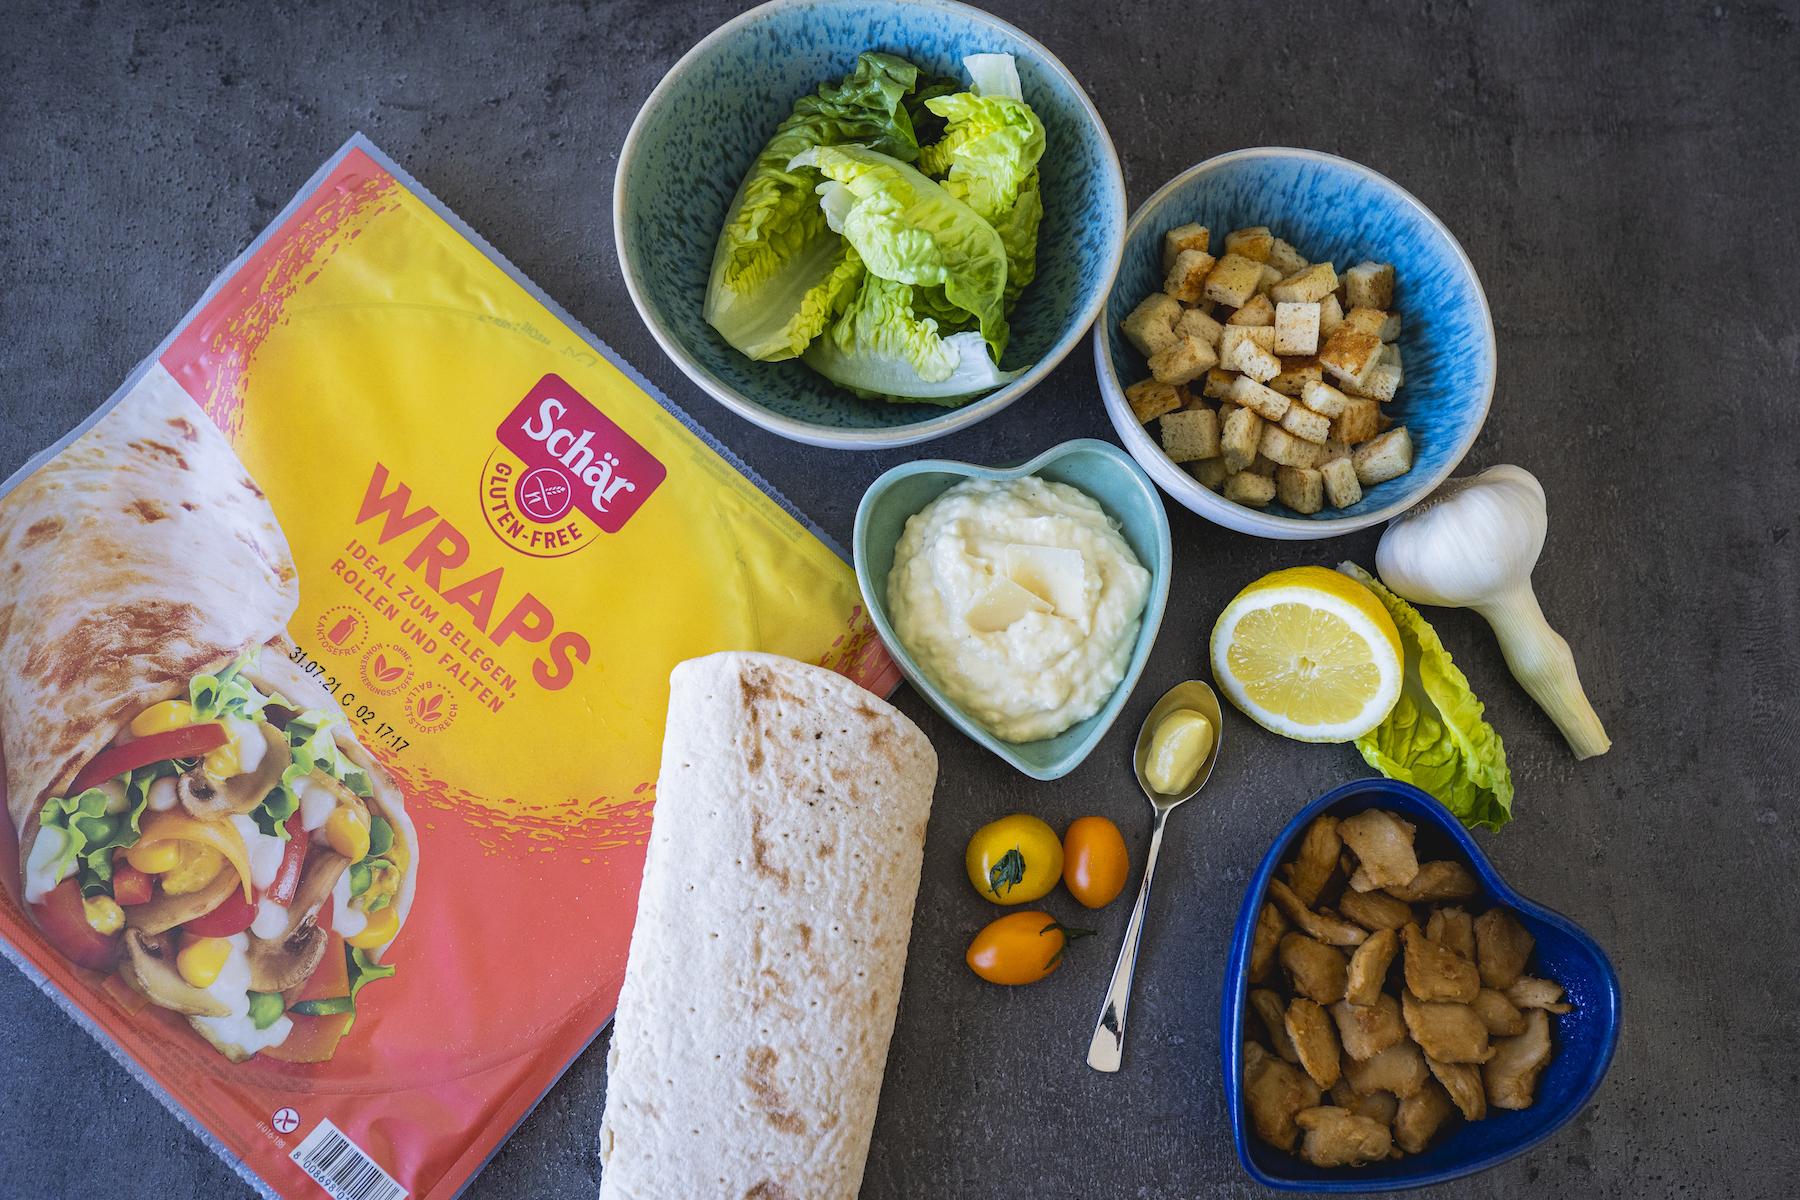 suelovesnyc_susan_fengler_rezept_vegetarische_caesar_salad_wraps_glutenfrei_schaer_2